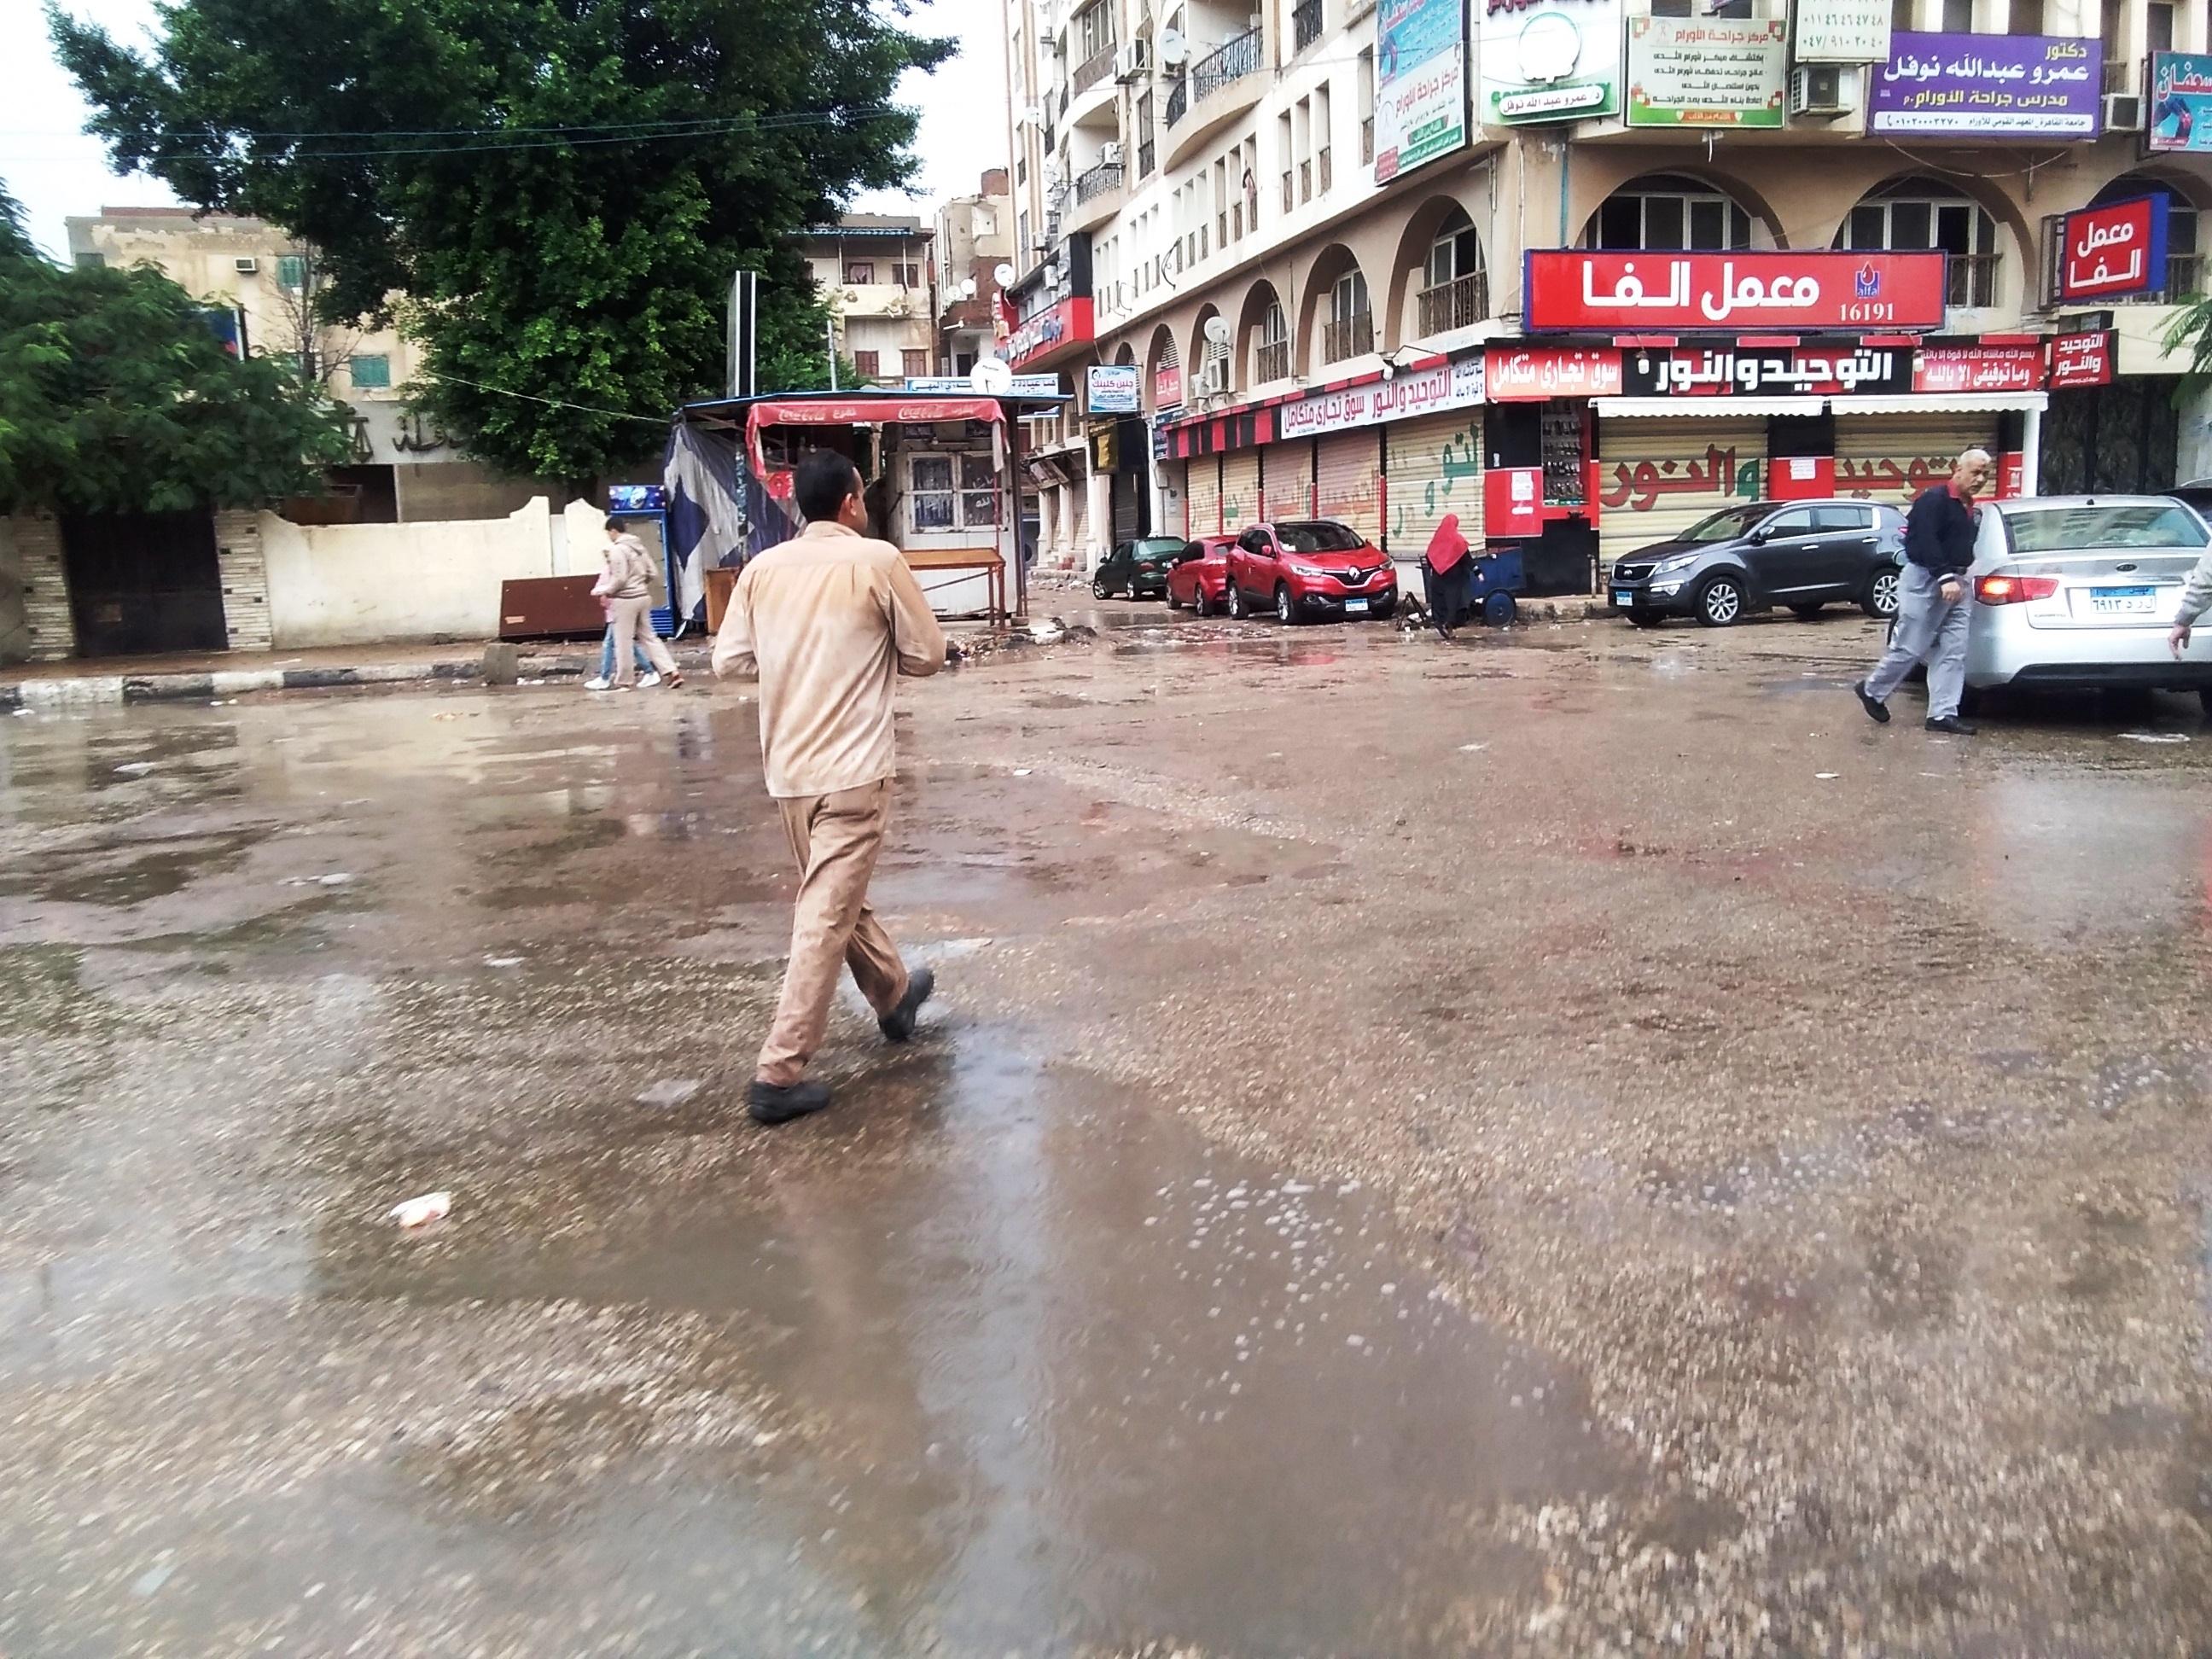 صور.. هطول أمطار رعدية بكفر الشيخ.. والمحافظ يعلن حالة الطوارئ (2)